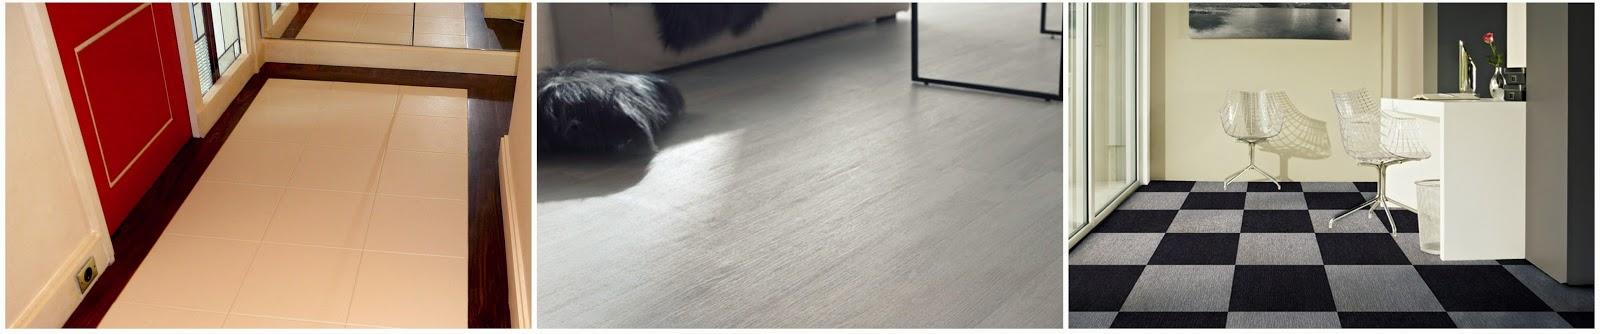 prix maison en bois prefabrique hyeres comment faire un devis travaux maison soci t ydmibz. Black Bedroom Furniture Sets. Home Design Ideas